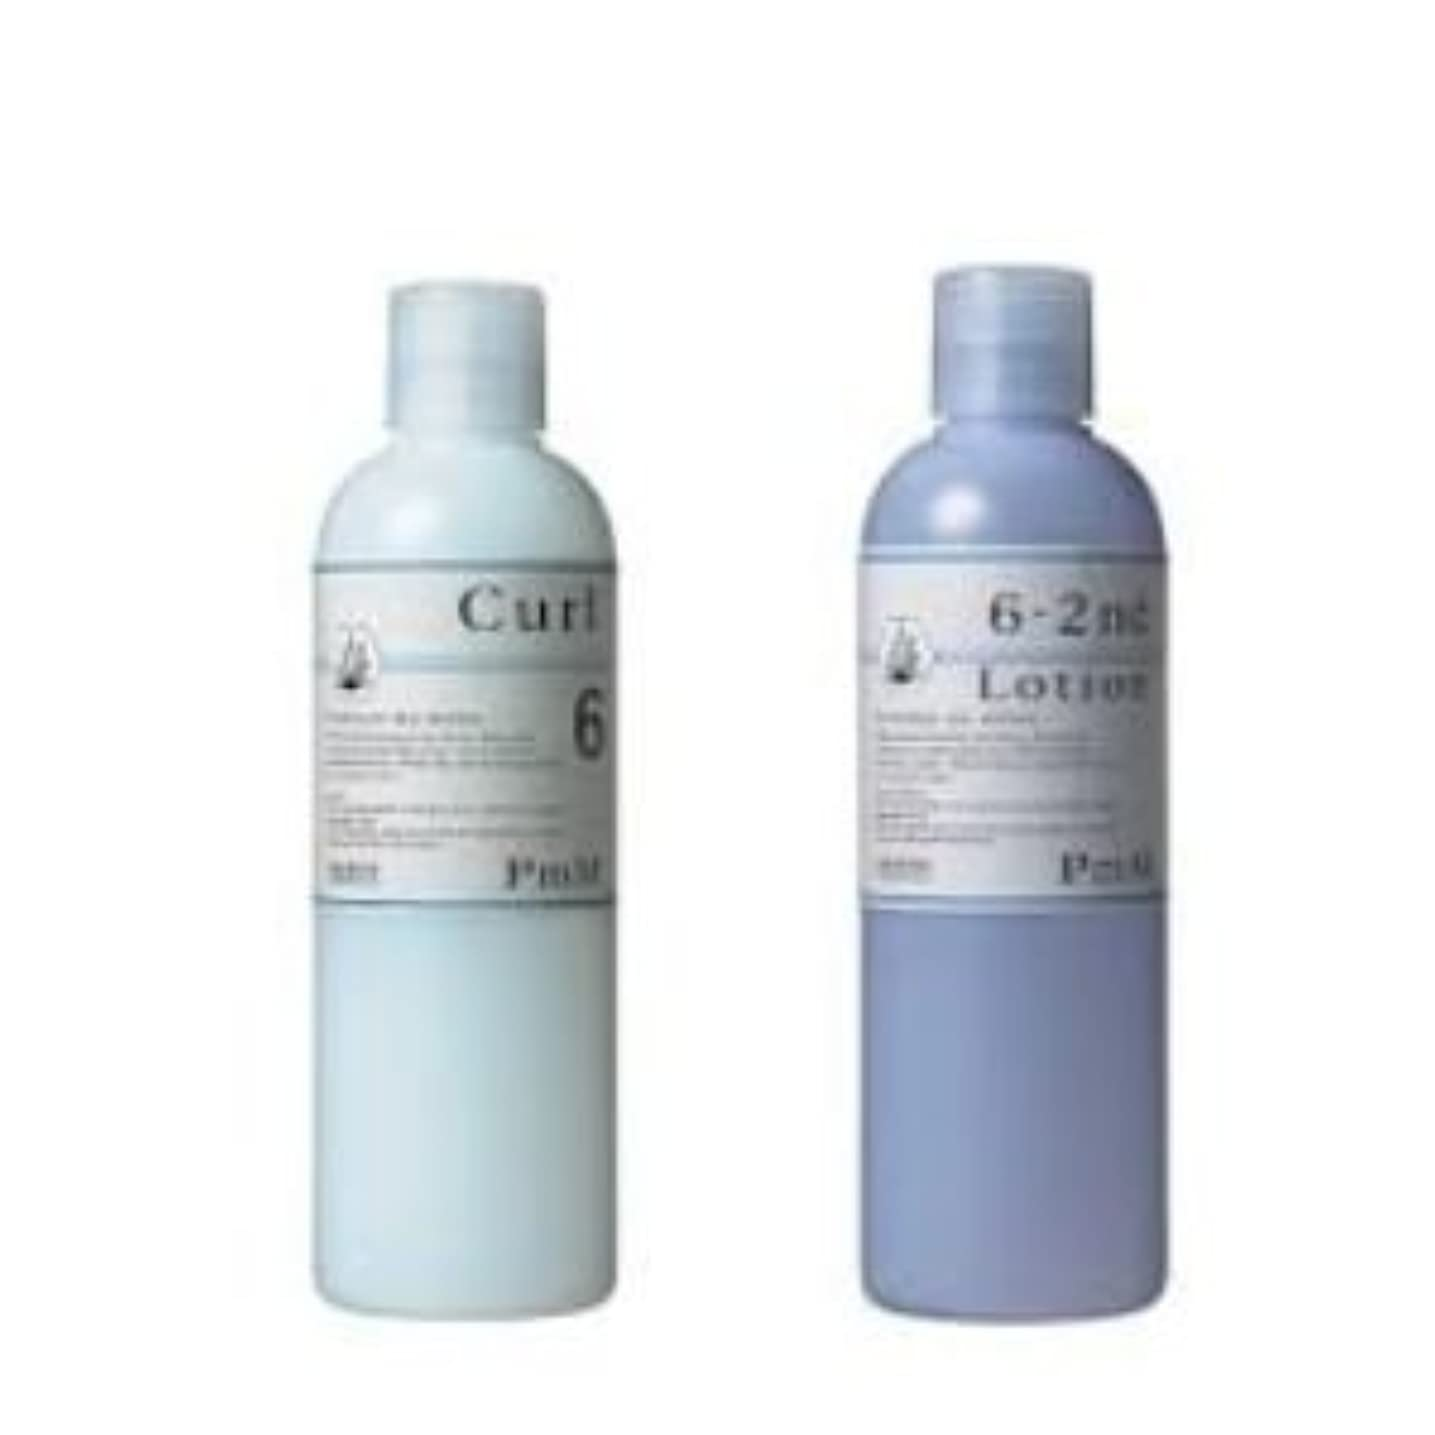 バウンス費やす定義メロスコスメティックス PmM カール6[システアミン]1剤2剤セット/各400ml